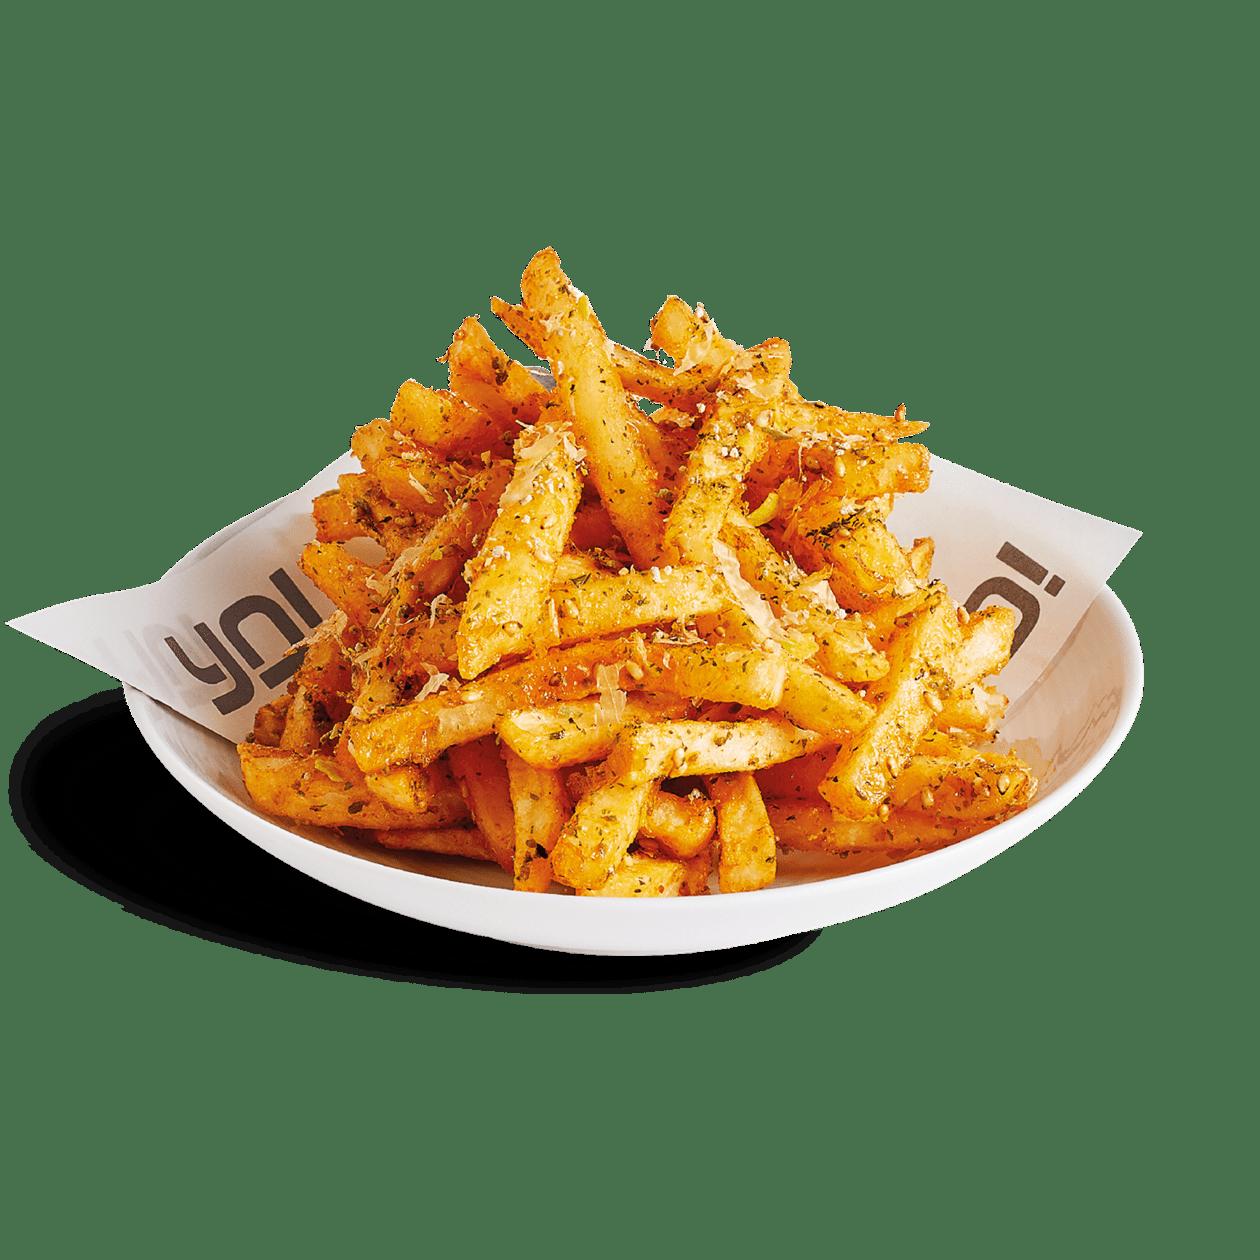 YO! Fries